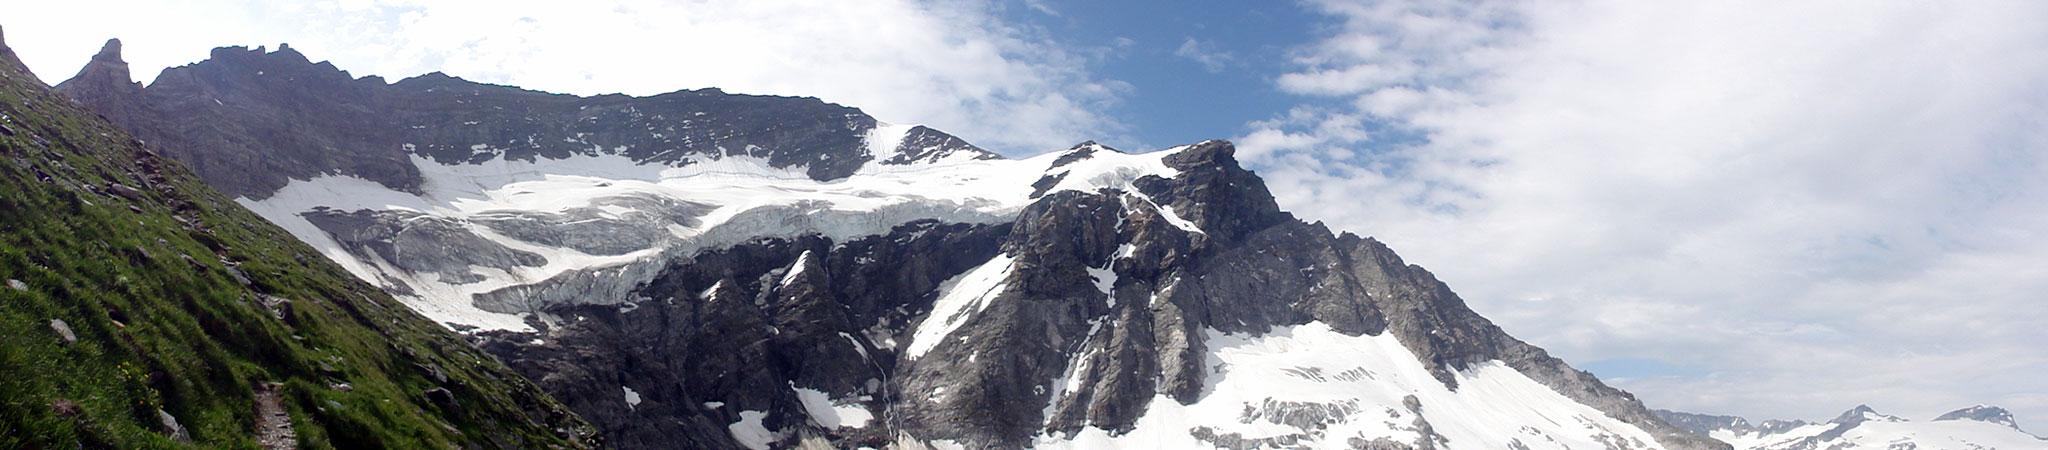 Arnoweg: Der mächtige Gletscherbruch des oberen Rifflkees unter der Hohen Riffl (3338 m)